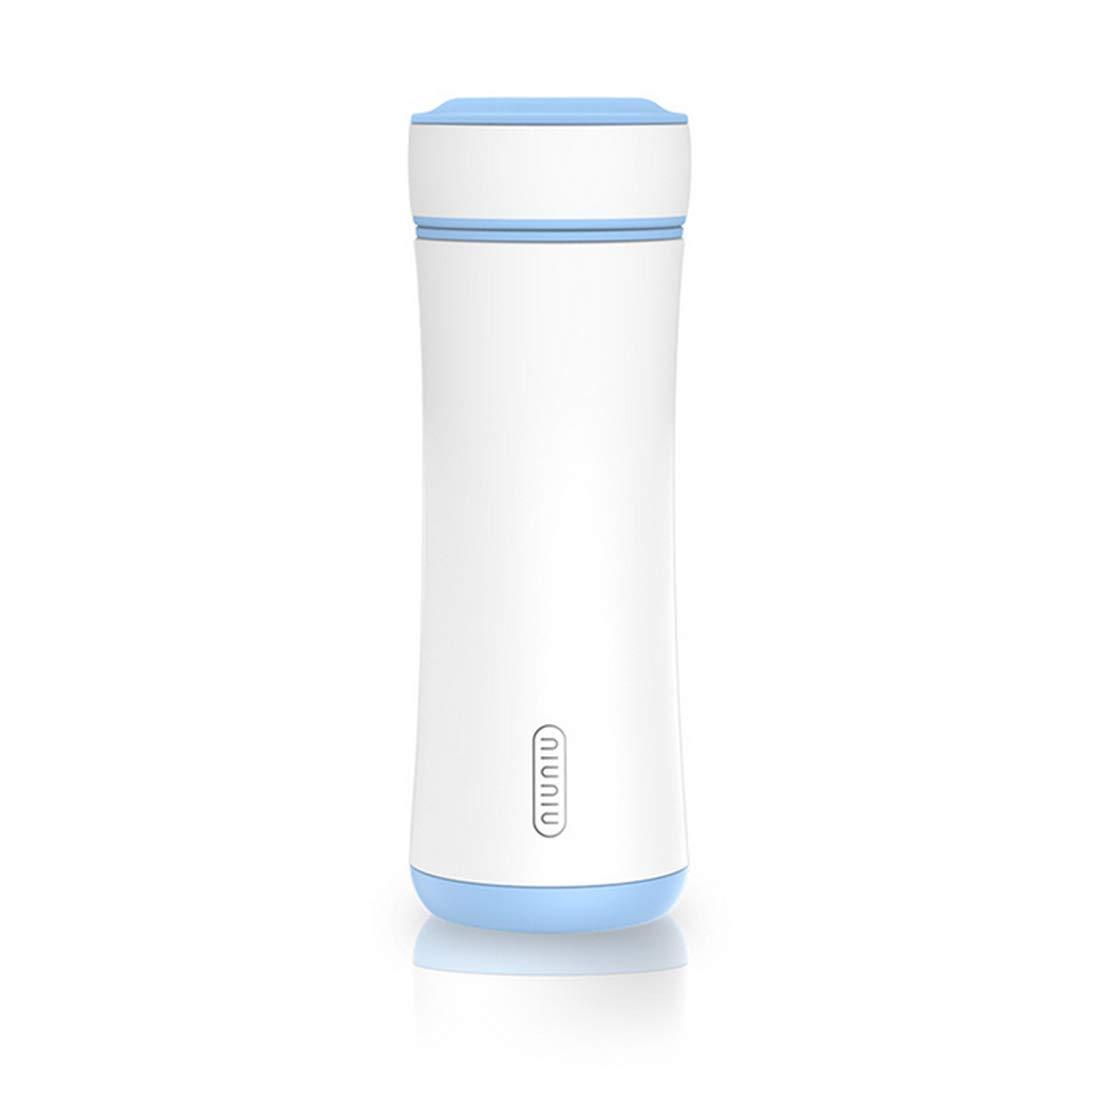 JOYIYUAN Edelstahl-Wasserflasche, Blau) vakuumisolierte auslaufsichere Reiseflasche-300ml (Farbe   Blau) Edelstahl-Wasserflasche, 7793cc